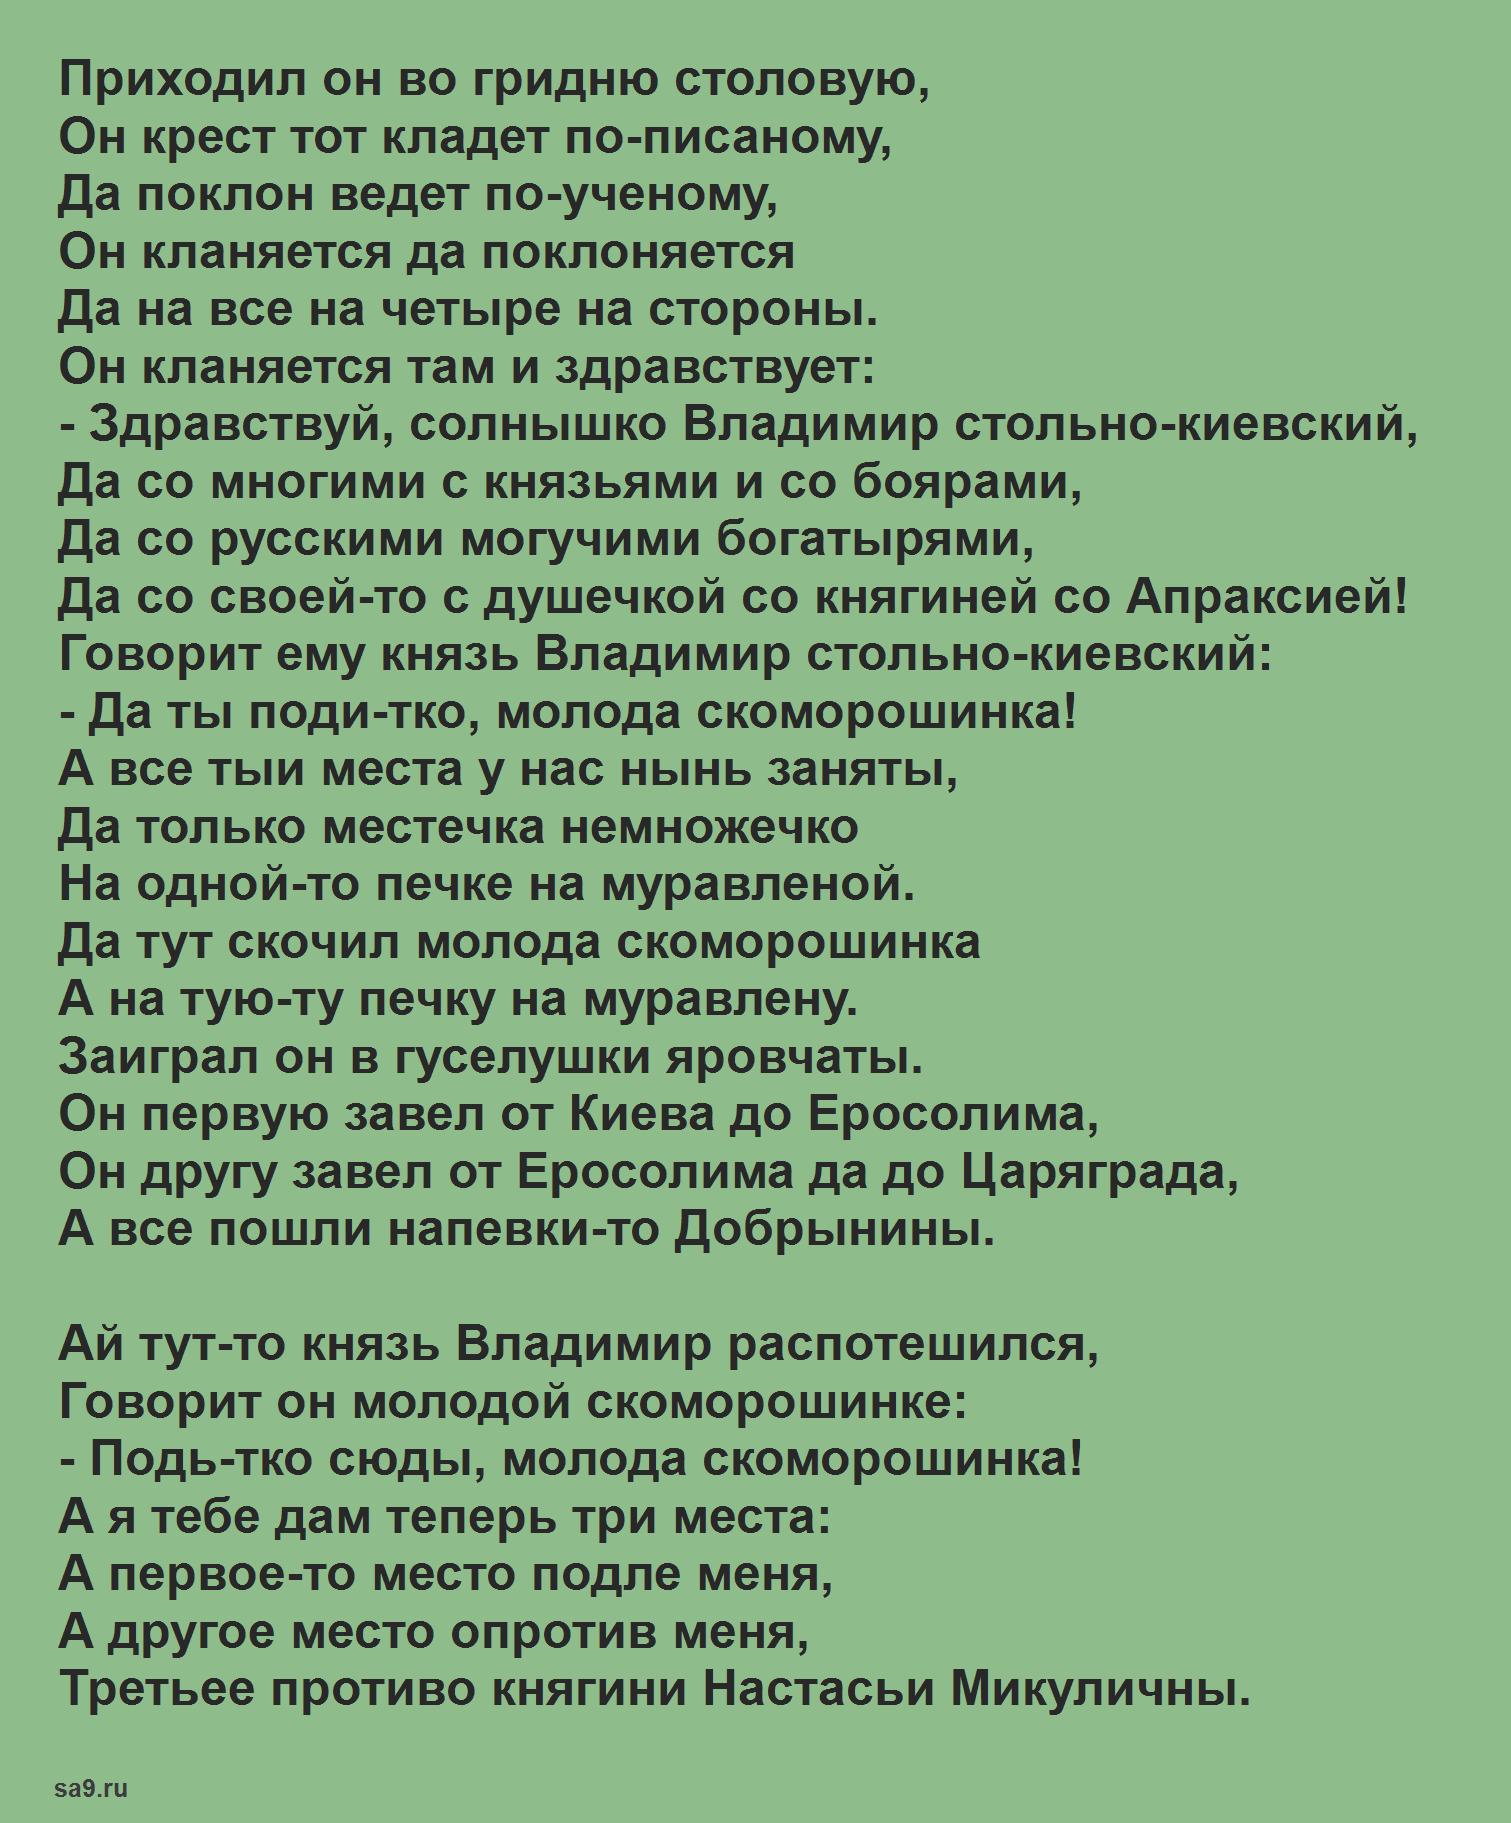 Читать былину - Добрыня Никитич и Алеша Попович